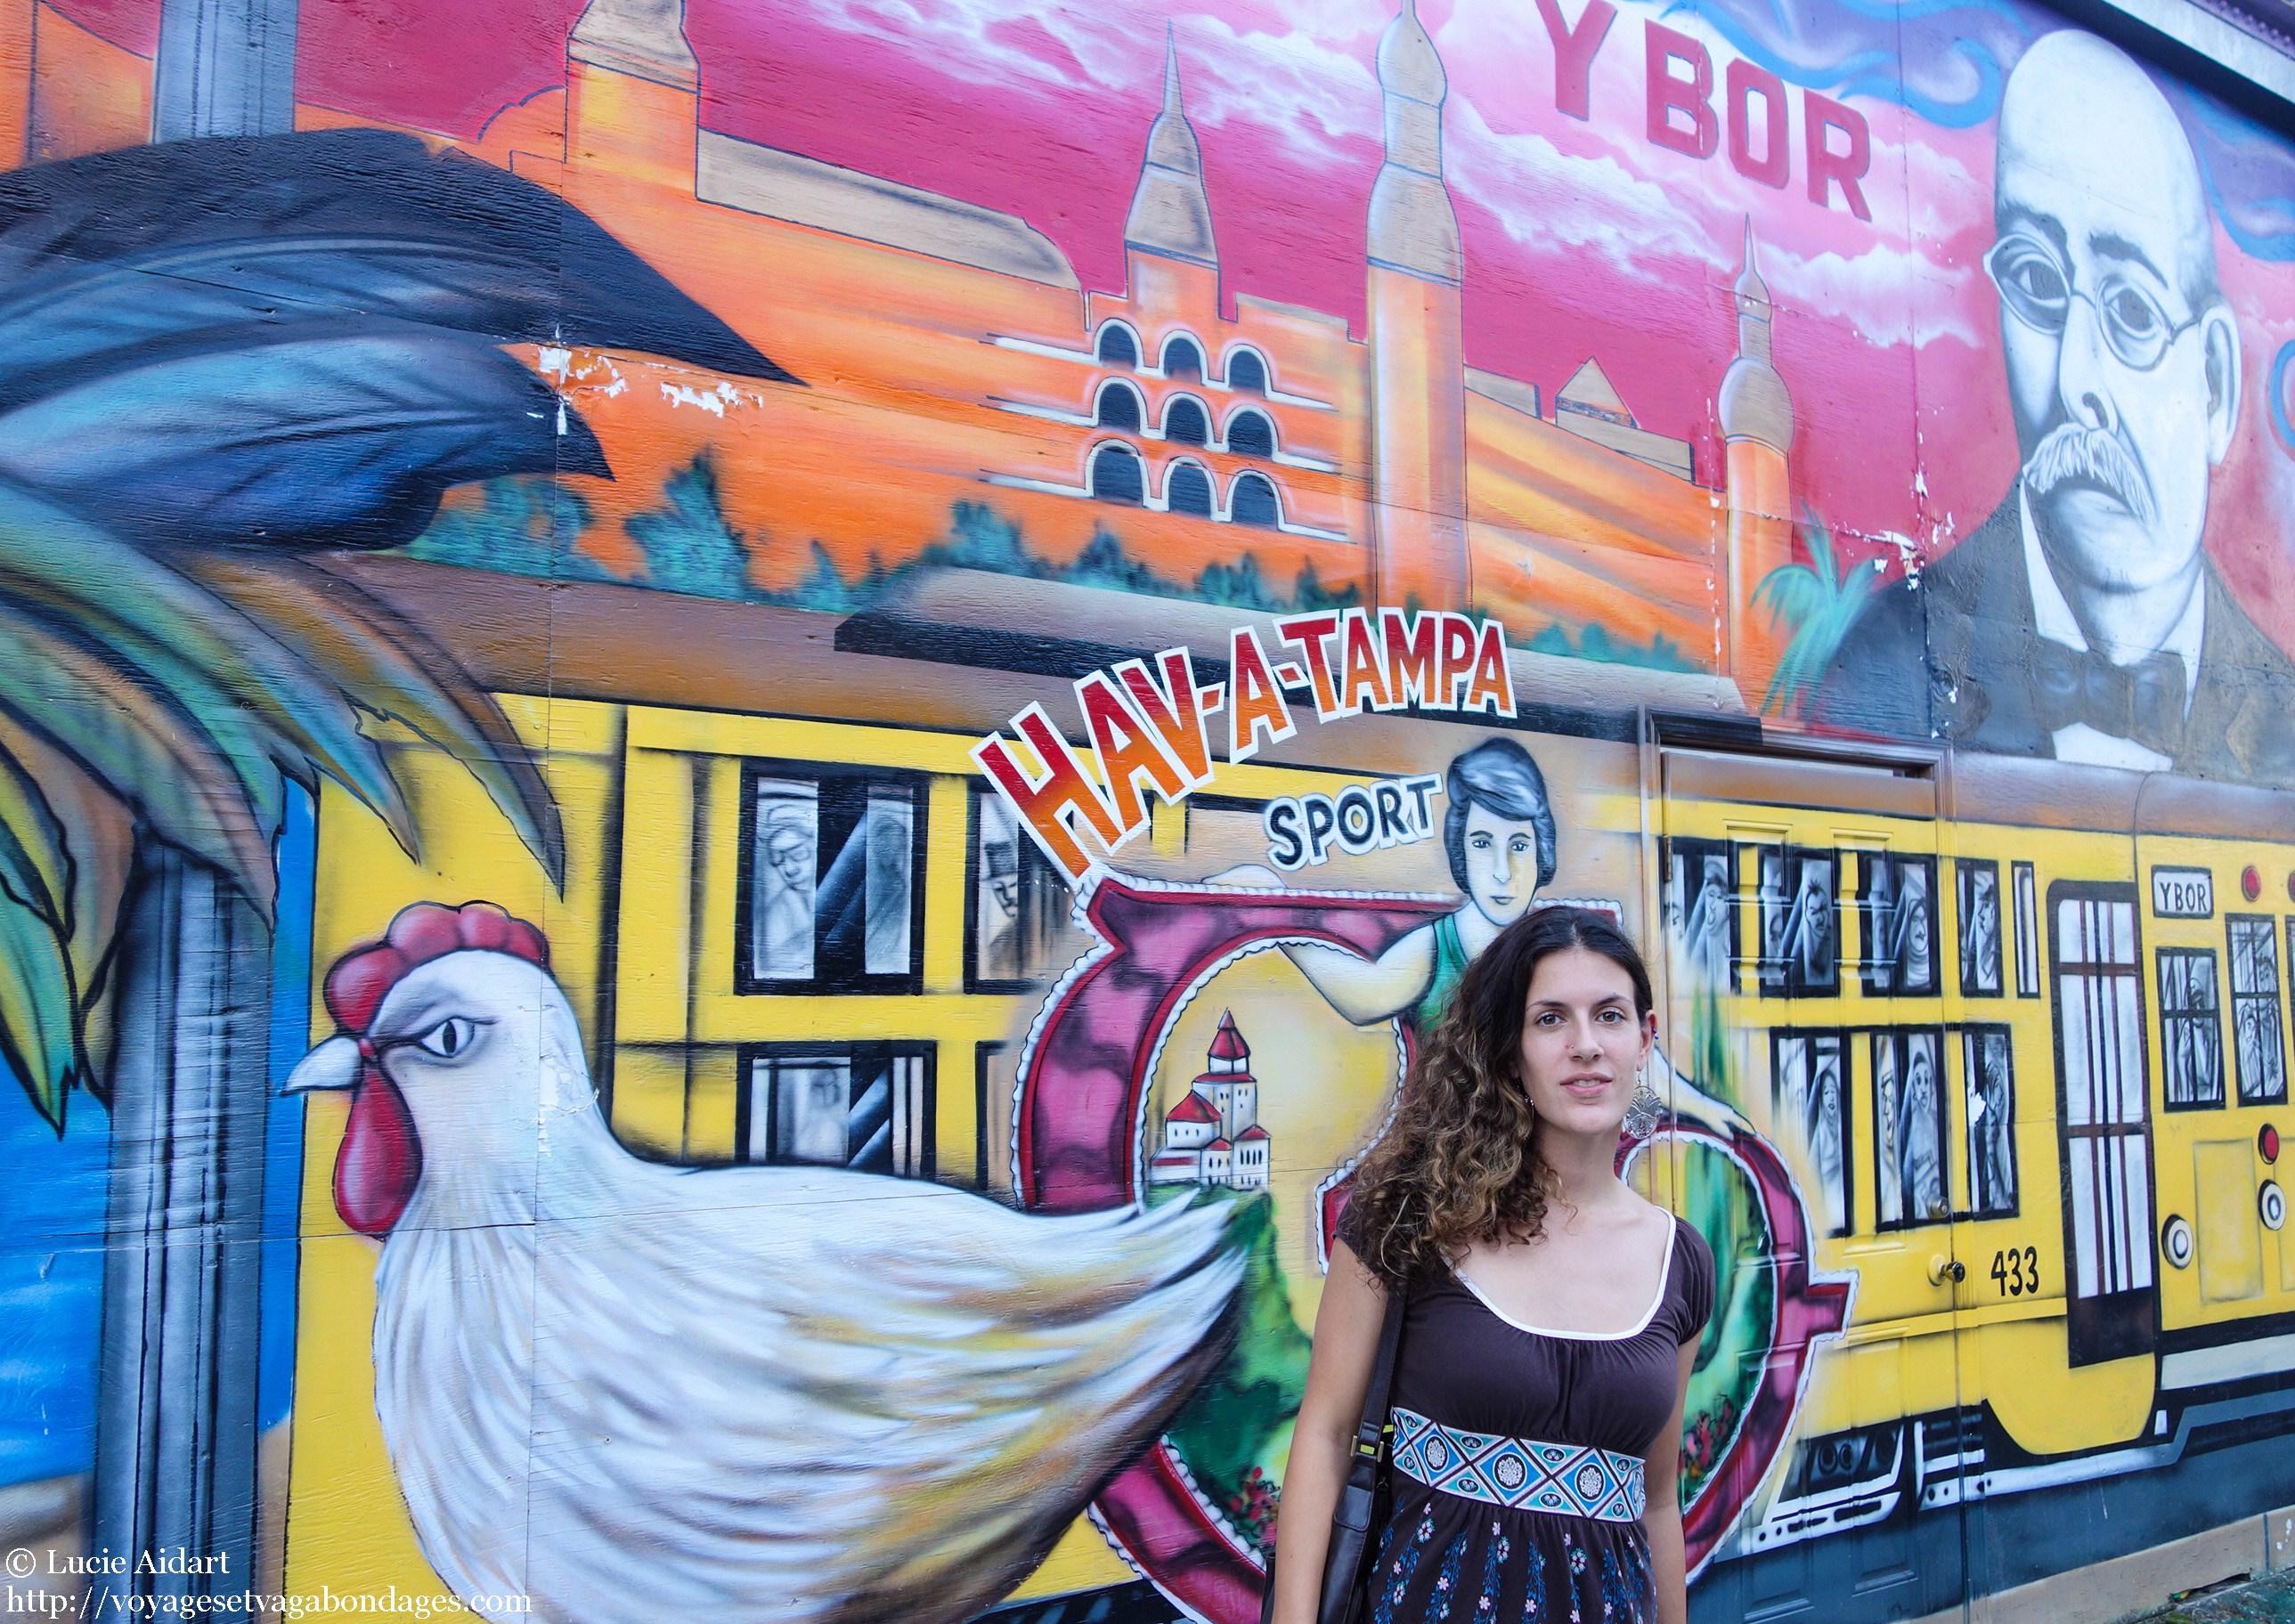 rencontres gratuites en Floride Tampa Bay Comic Con vitesse datant